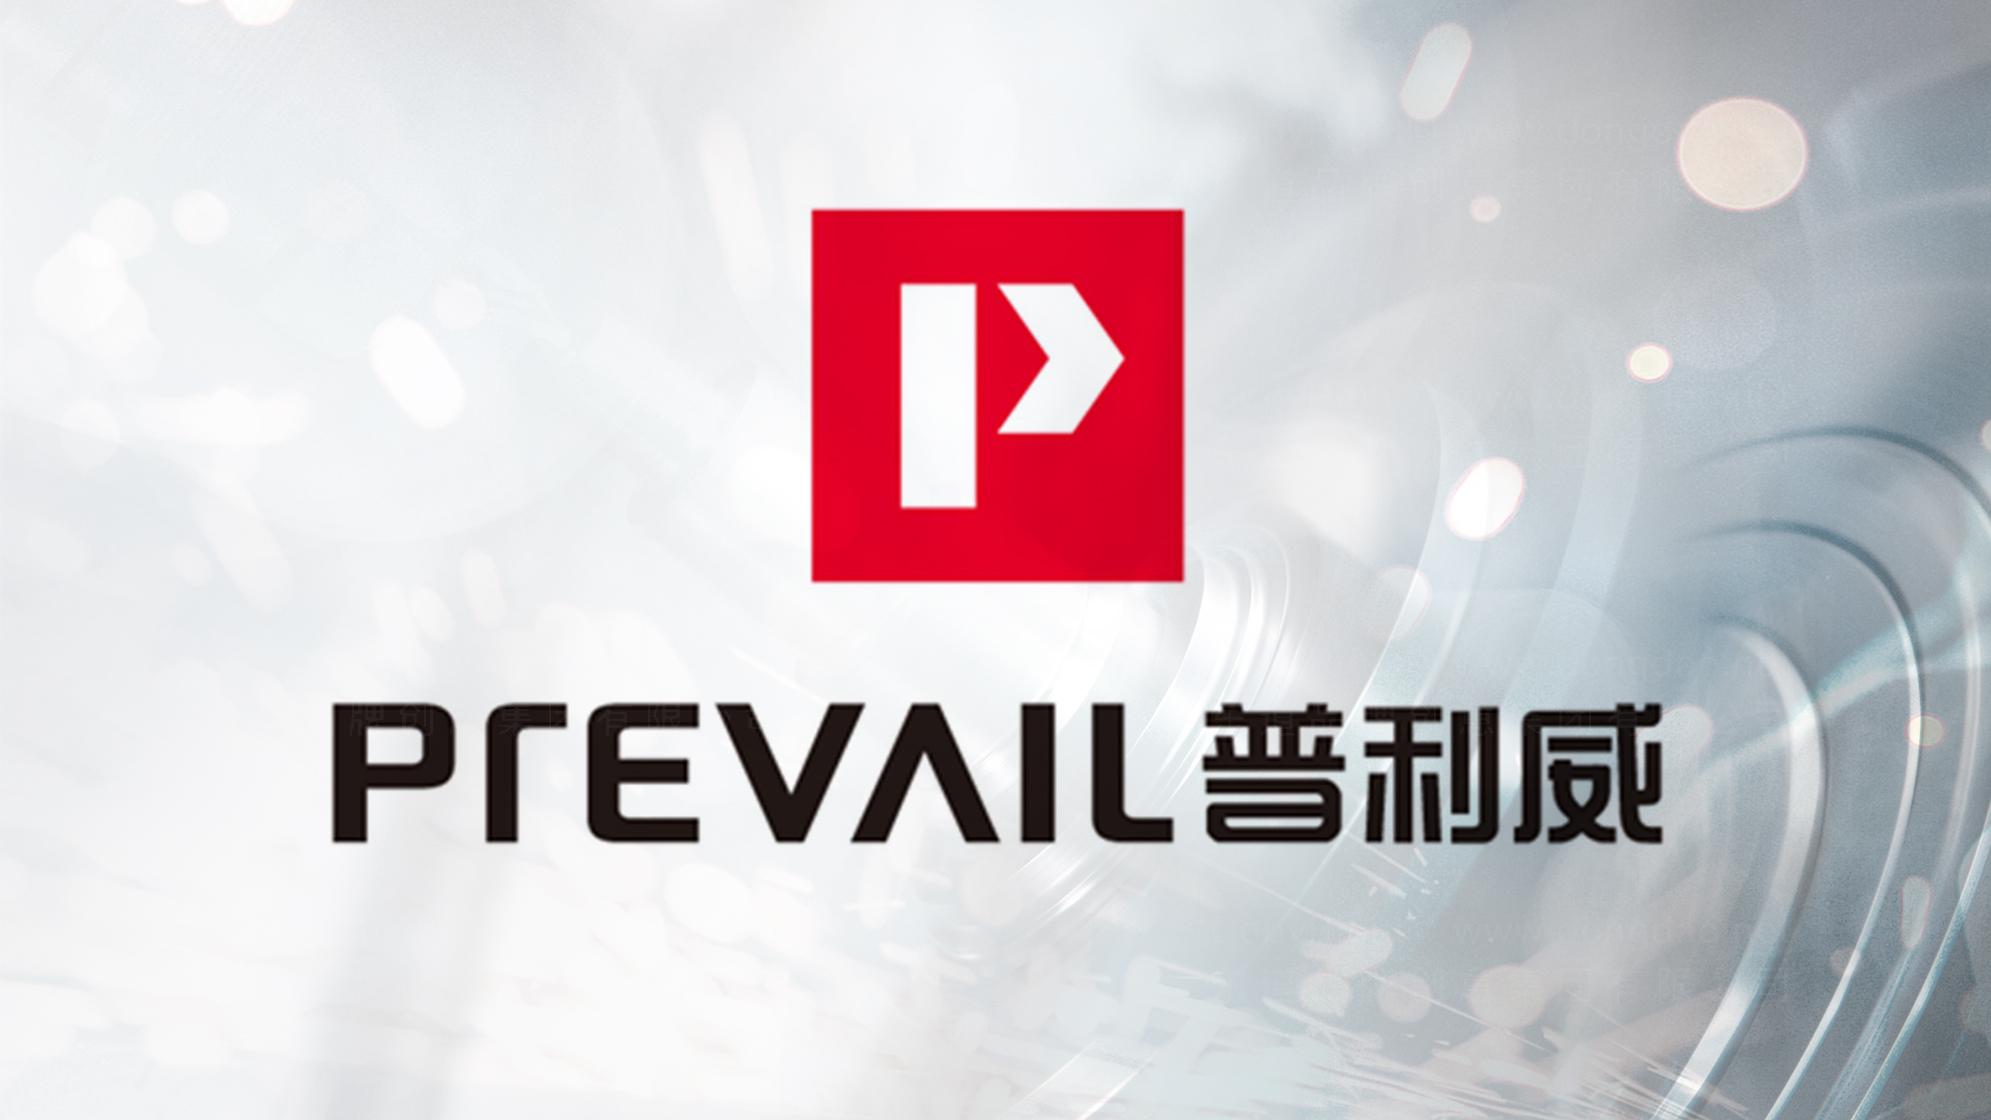 品牌设计案例香港普利威建筑五金(集团)有限公司标志设计LOGO&VI设计